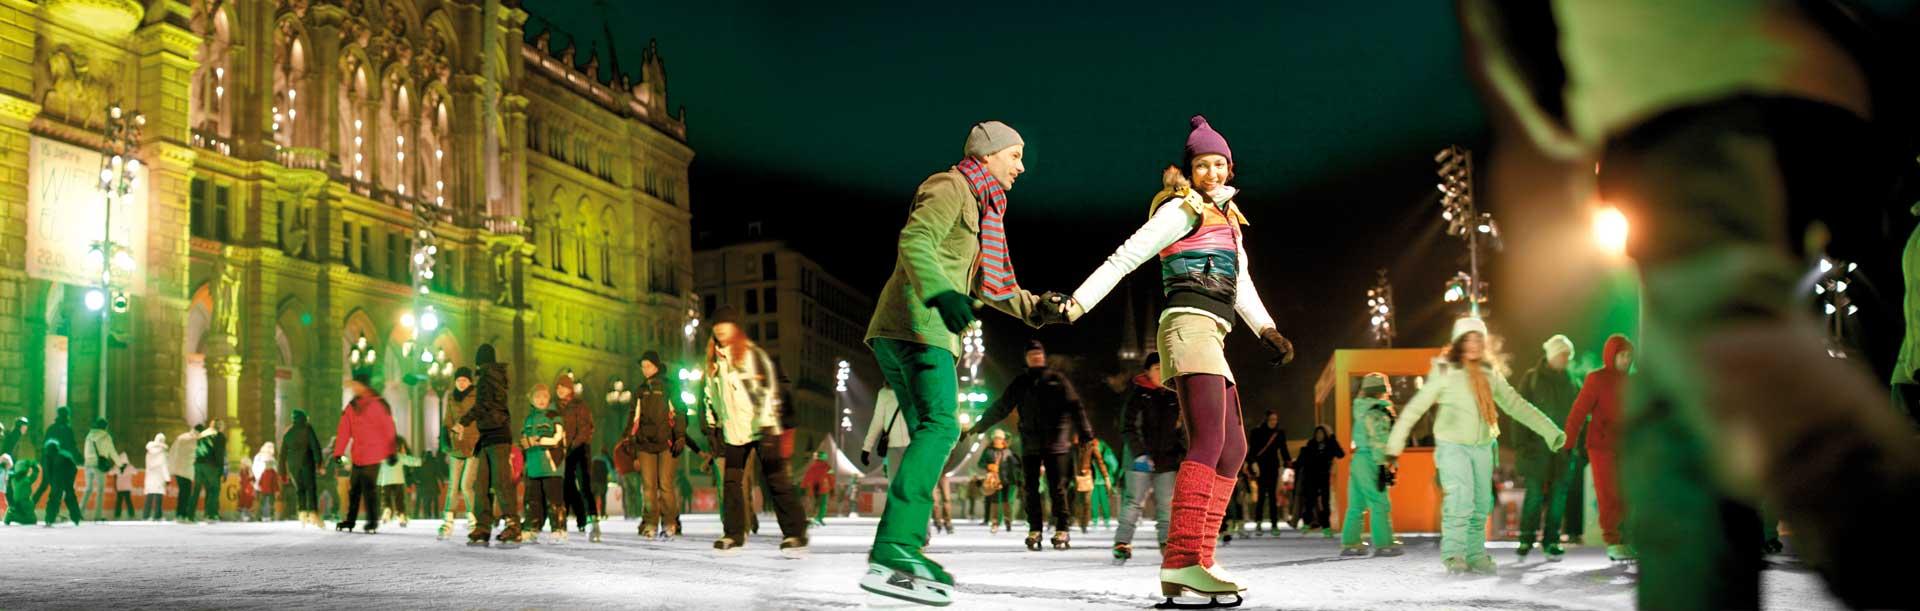 Följ med på spännande möten i Wien med skridskoåkning